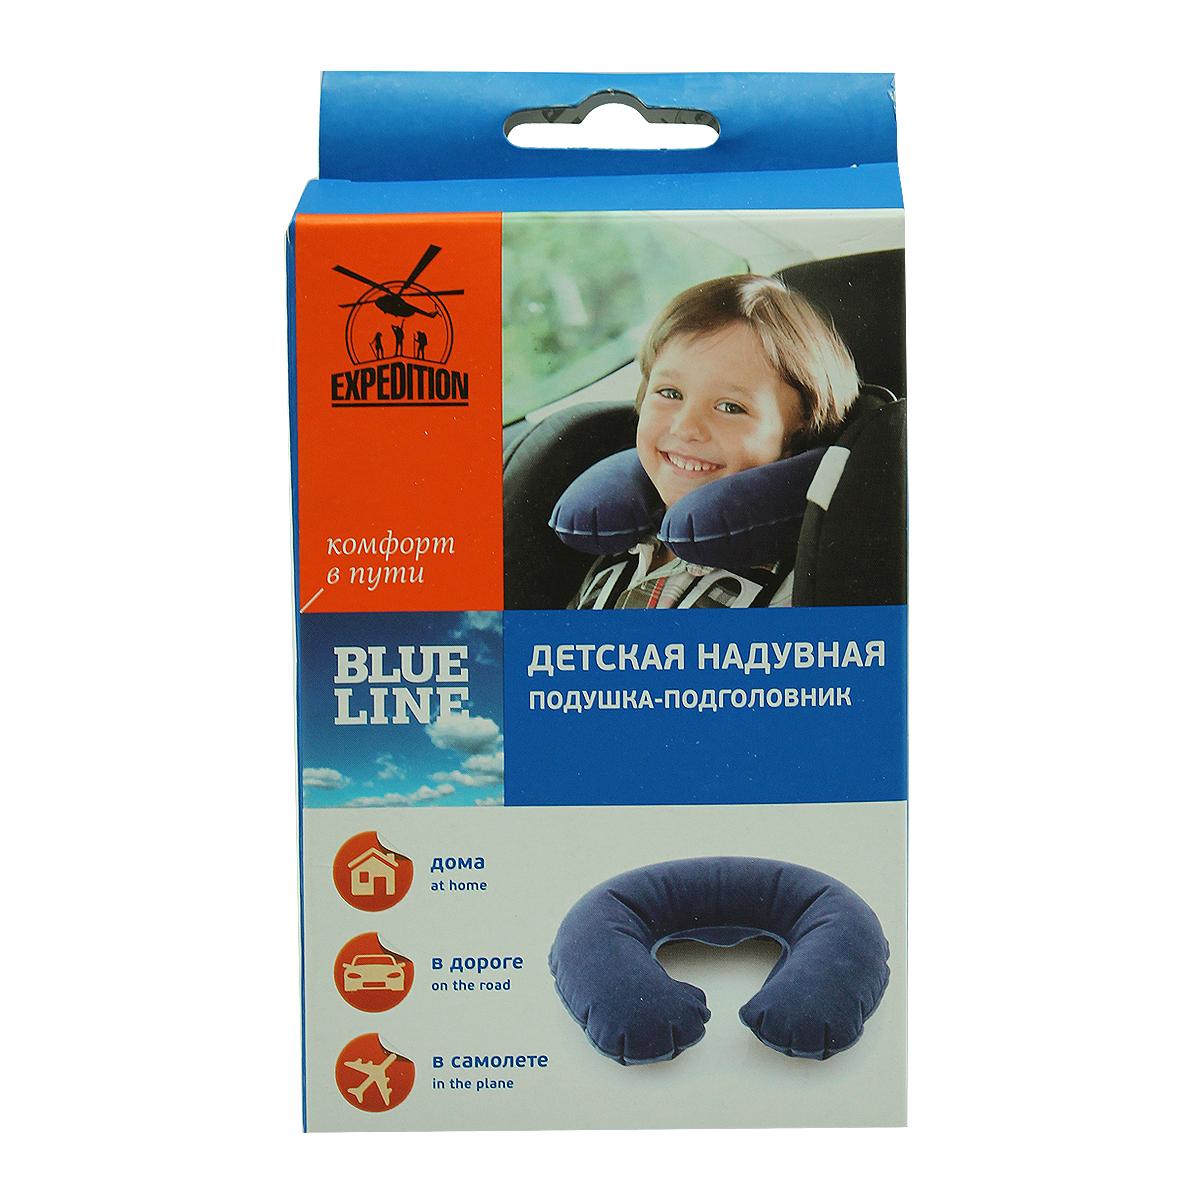 Подушка детская Экспедиция, надувная, цвет: синийEPK-02Детская надувная подушка-подголовник создана для длительных путешествий с ребенком. Ваше чадо всегда сможет отдохнуть в пути не смотря на длительное сидение в авто, поезде или самолете. Компактный надувной подголовник для ребенка минимизирует нагрузку на мышцы шеи, поддерживает голову и смягчает возможные толчки во время путешествия. Аксессуар занимает минимум места, не причиняет дискомфорта, прост в хранении и надувается за считанные минуты.